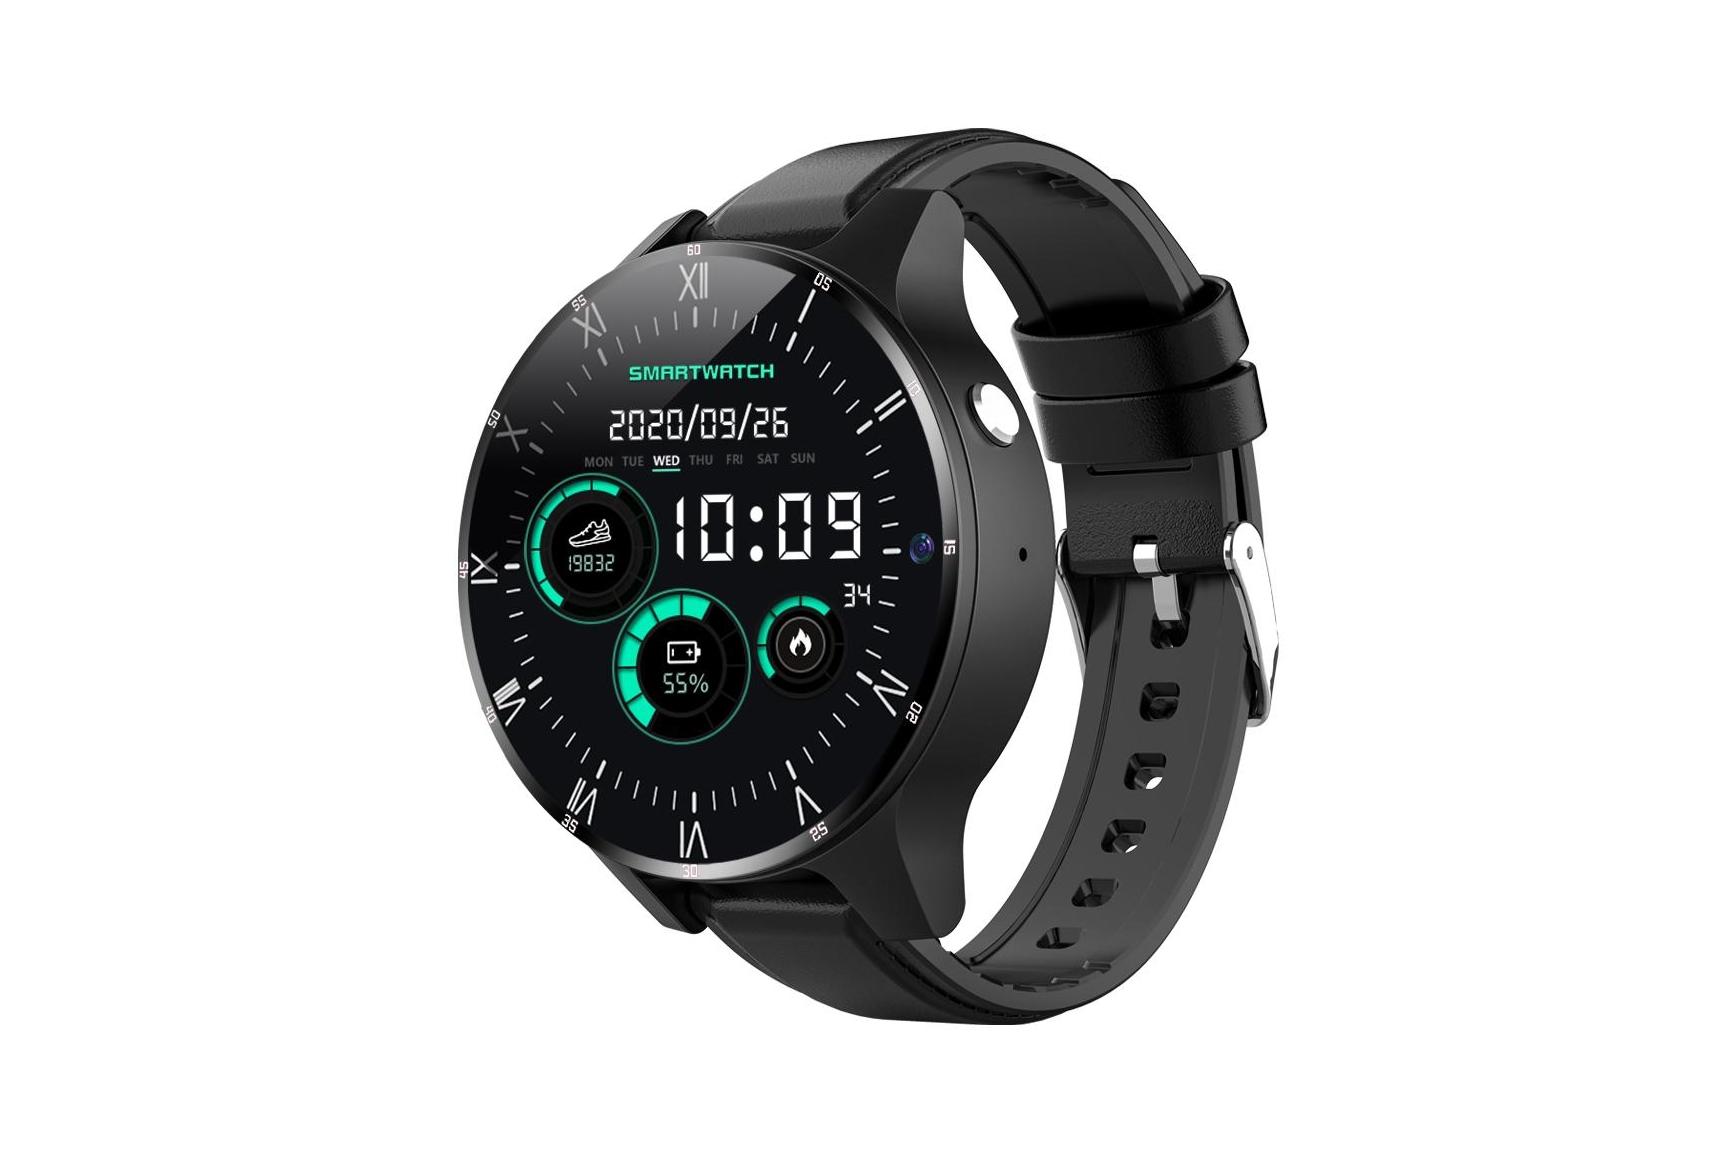 Rollme Hero: смарт-часы с безрамочным дисплеем, двумя камерами, ОС Android и начинкой, как у смартфонов